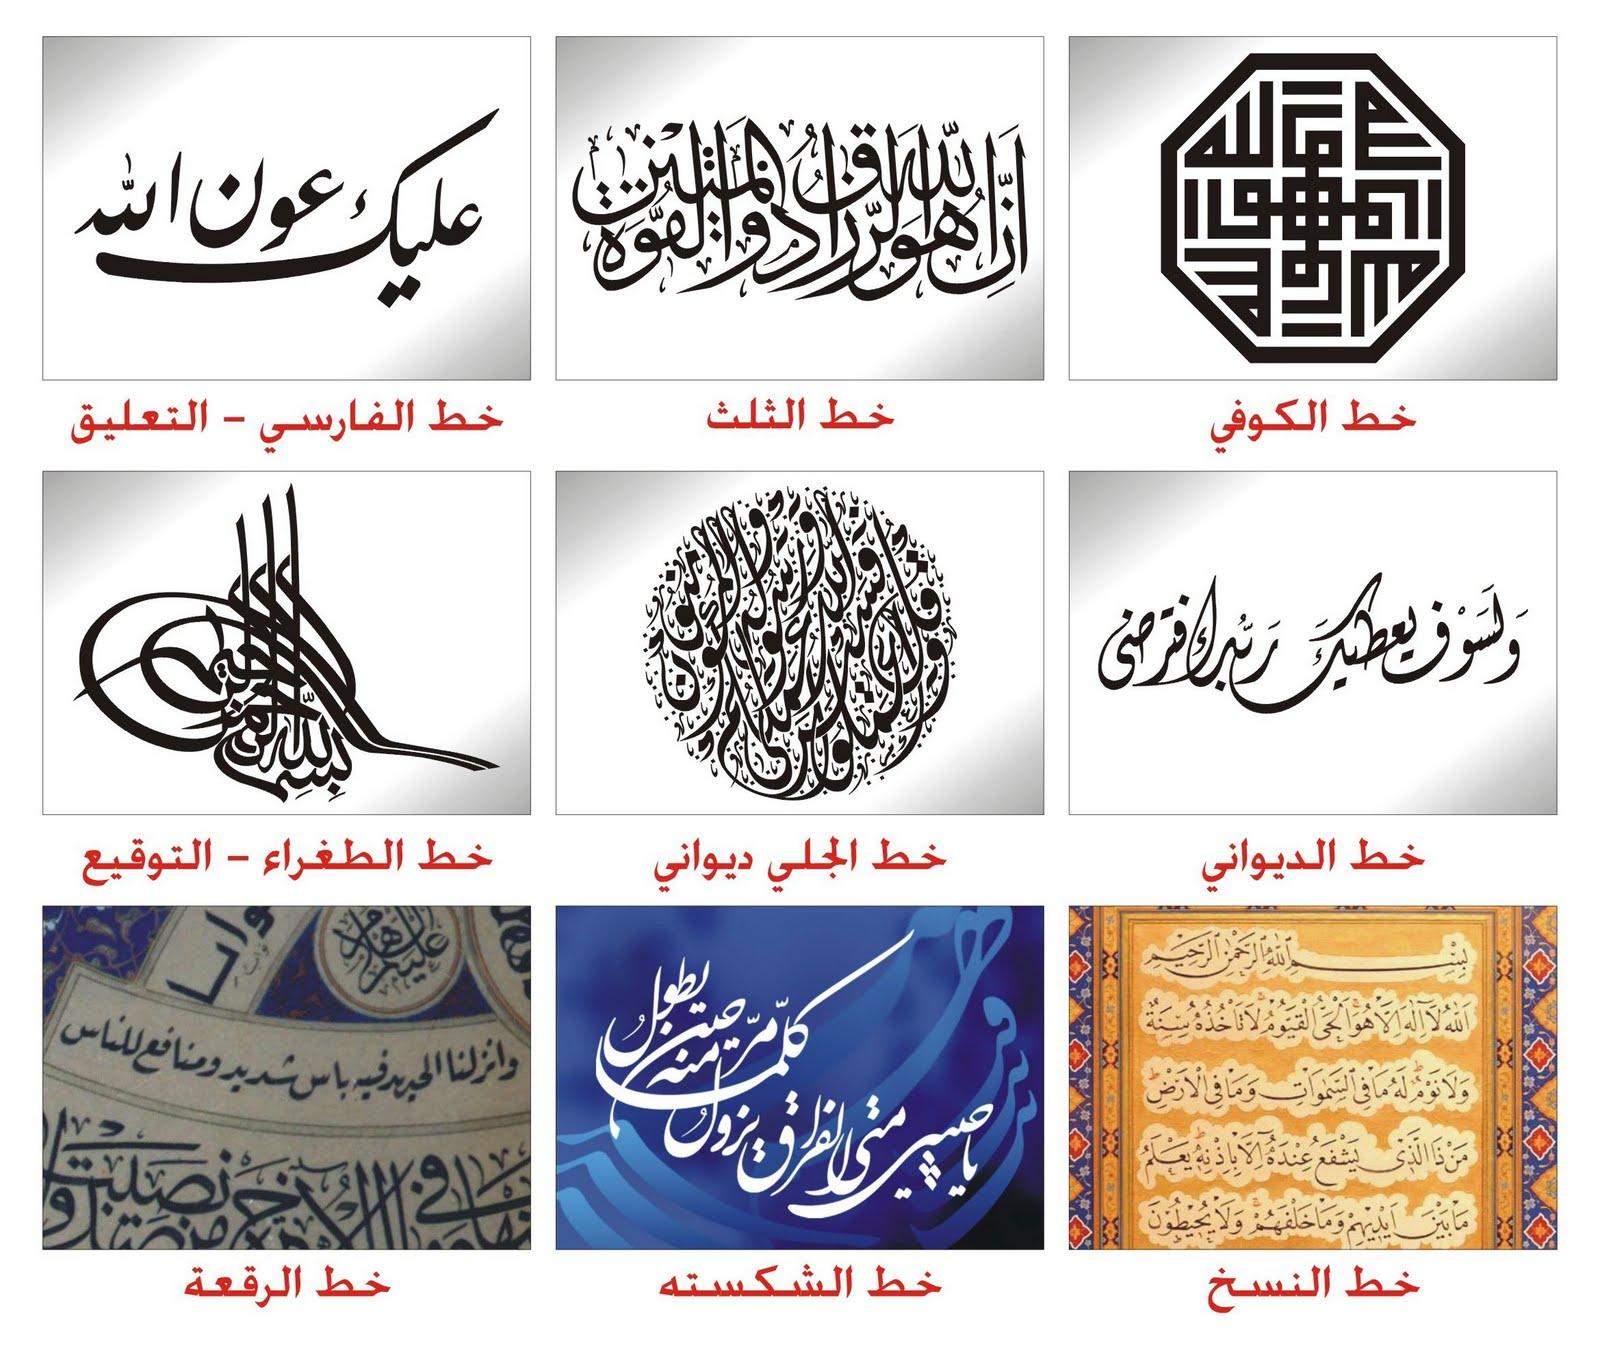 هذه بعض الخطوط العربية